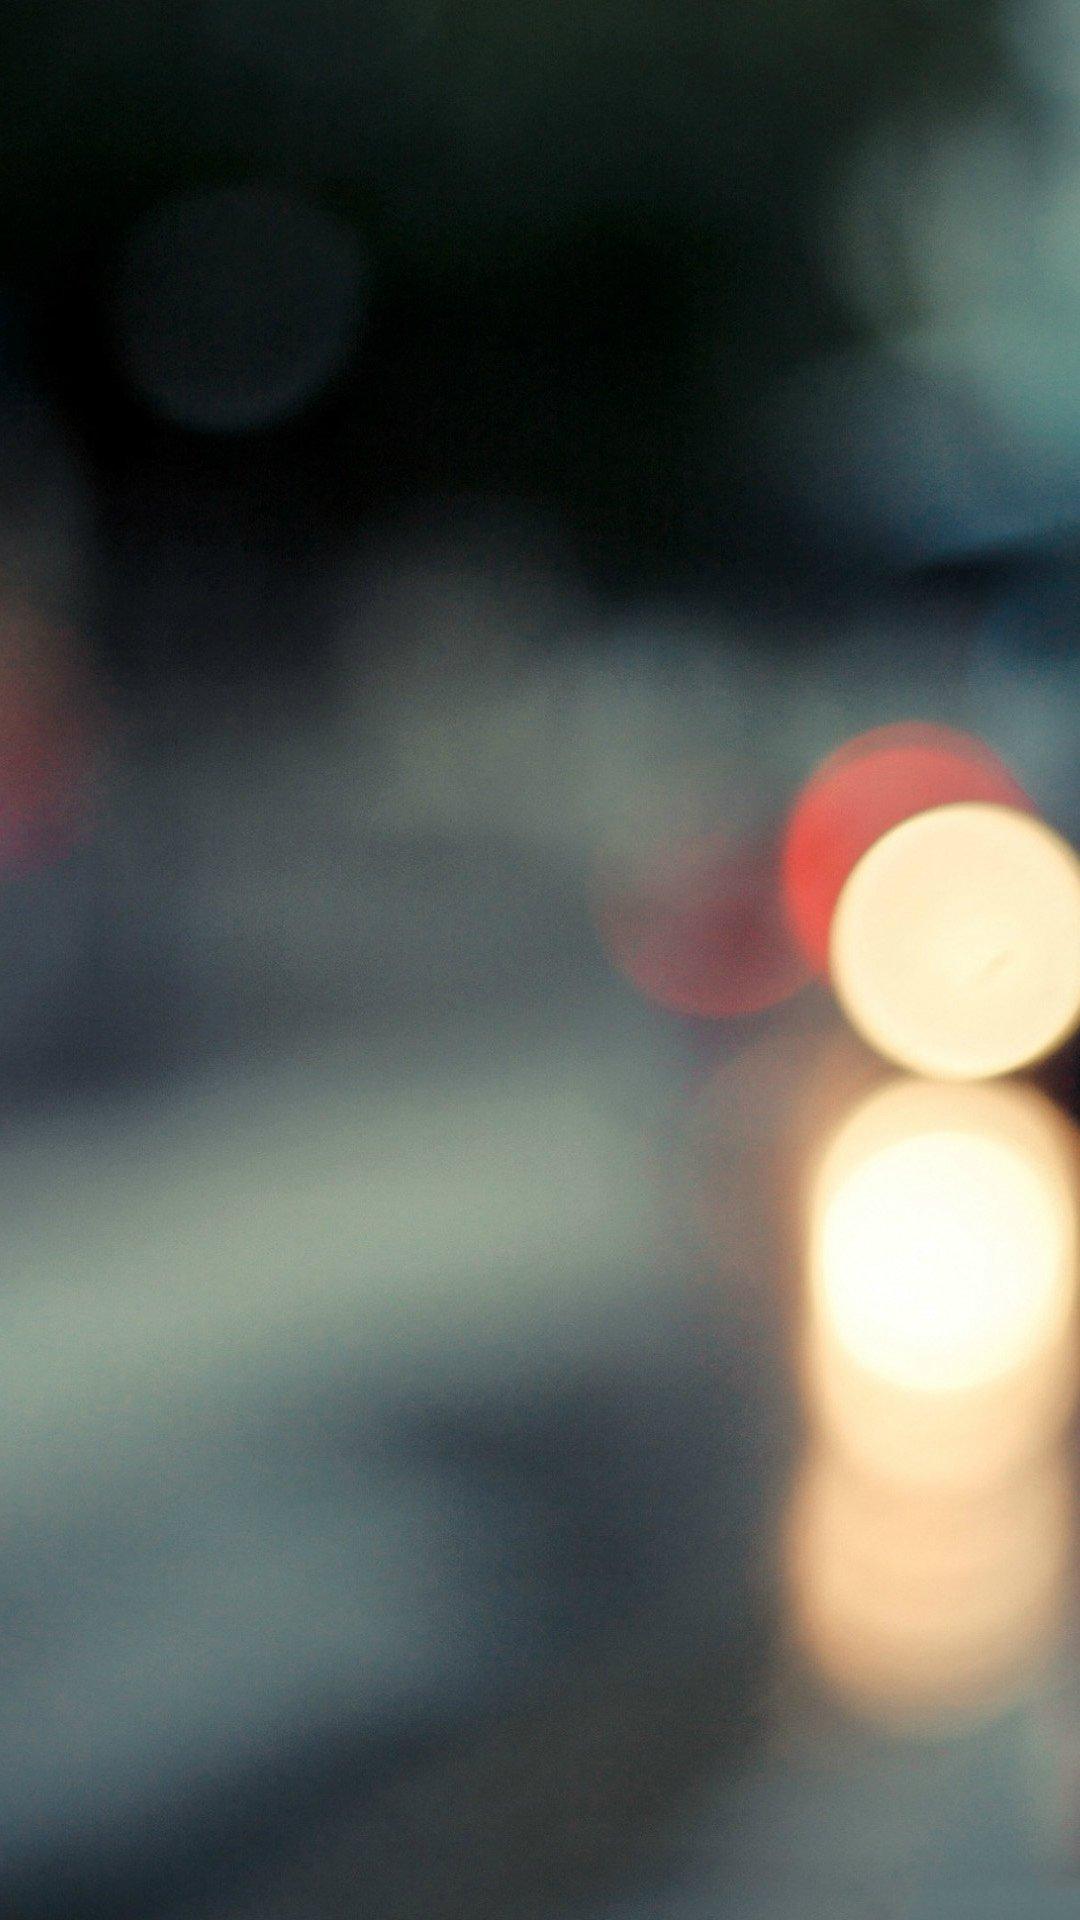 Traffic Stop Lights Blur iphone 6 wallpaper ilikewallpaper com 1080x1920